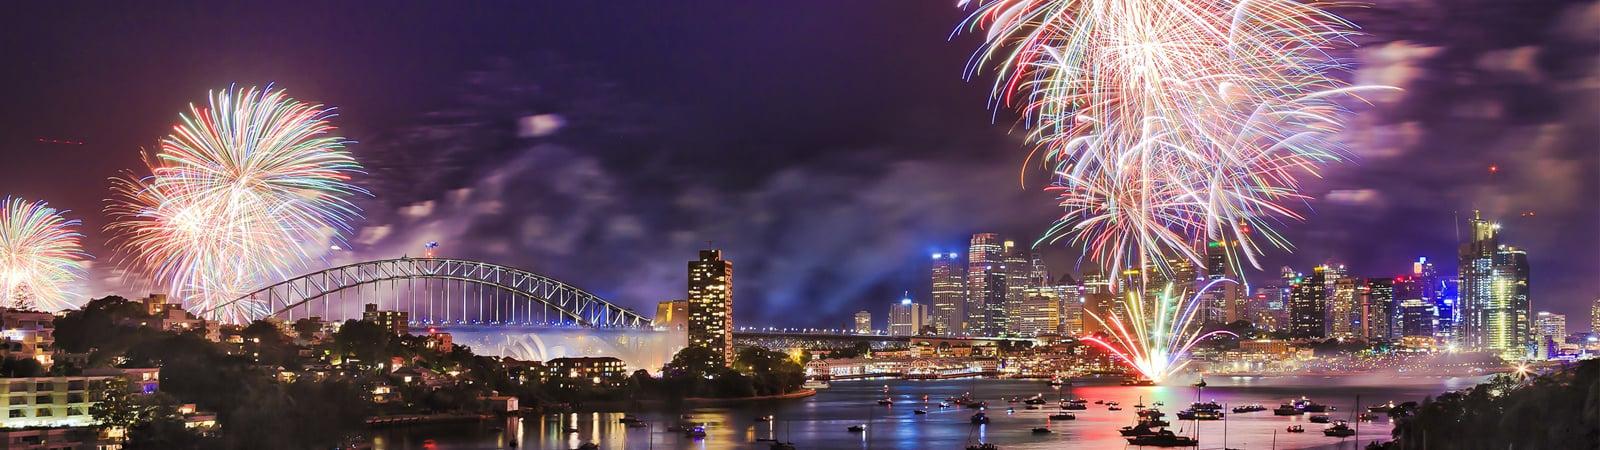 NYE-Sydney-Harbour-Fireworks-Boat